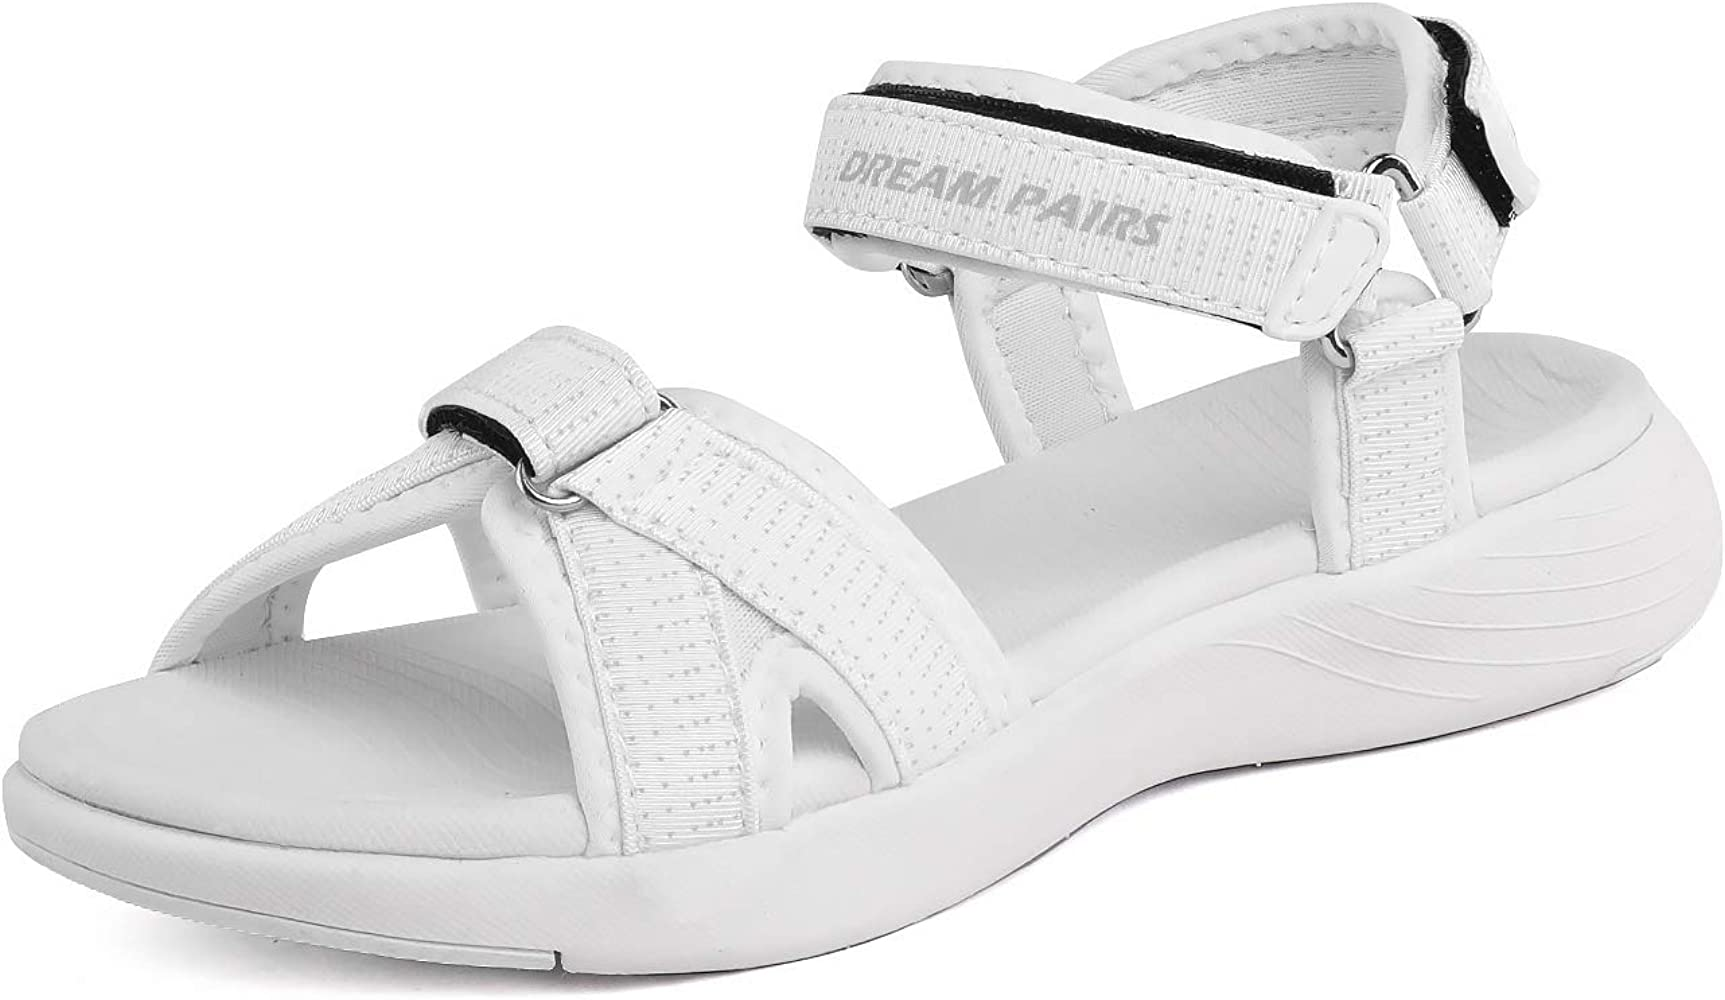 Amazon.com | DREAM PAIRS Women's Athletic Sport Sandals Hiking Sandal White  Size 5 M US QDL19001L | Sport Sandals & Slides